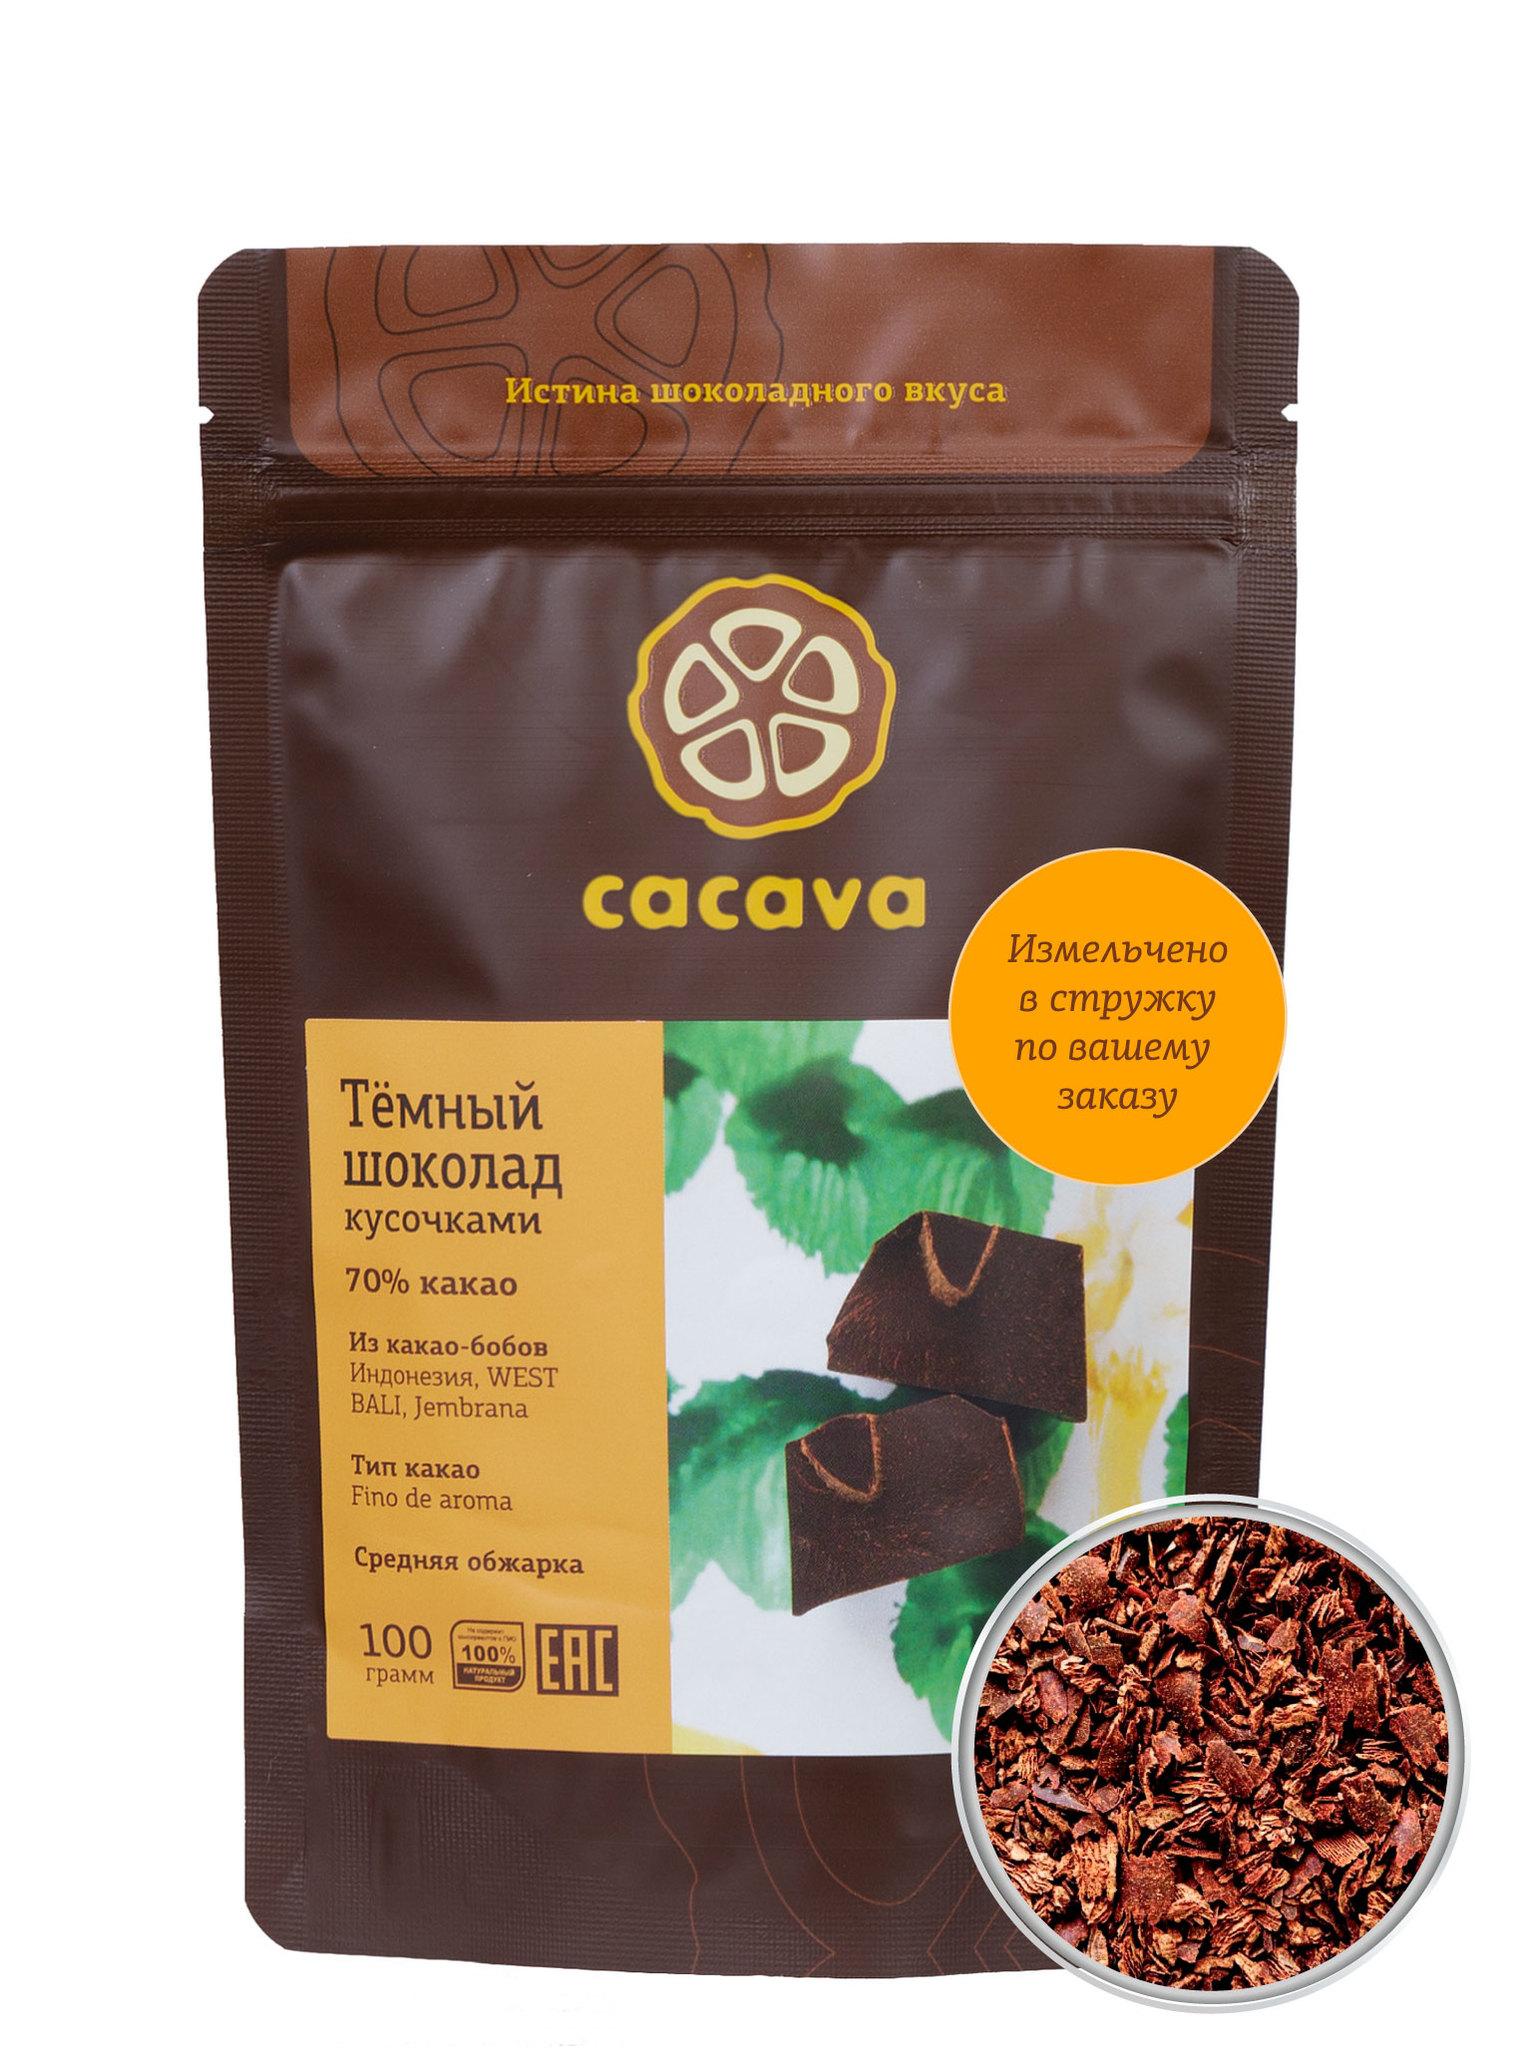 Тёмный шоколад 70 % какао в стружке (Индонезия, WEST BALI, Jembrana), упаковка 100 грамм